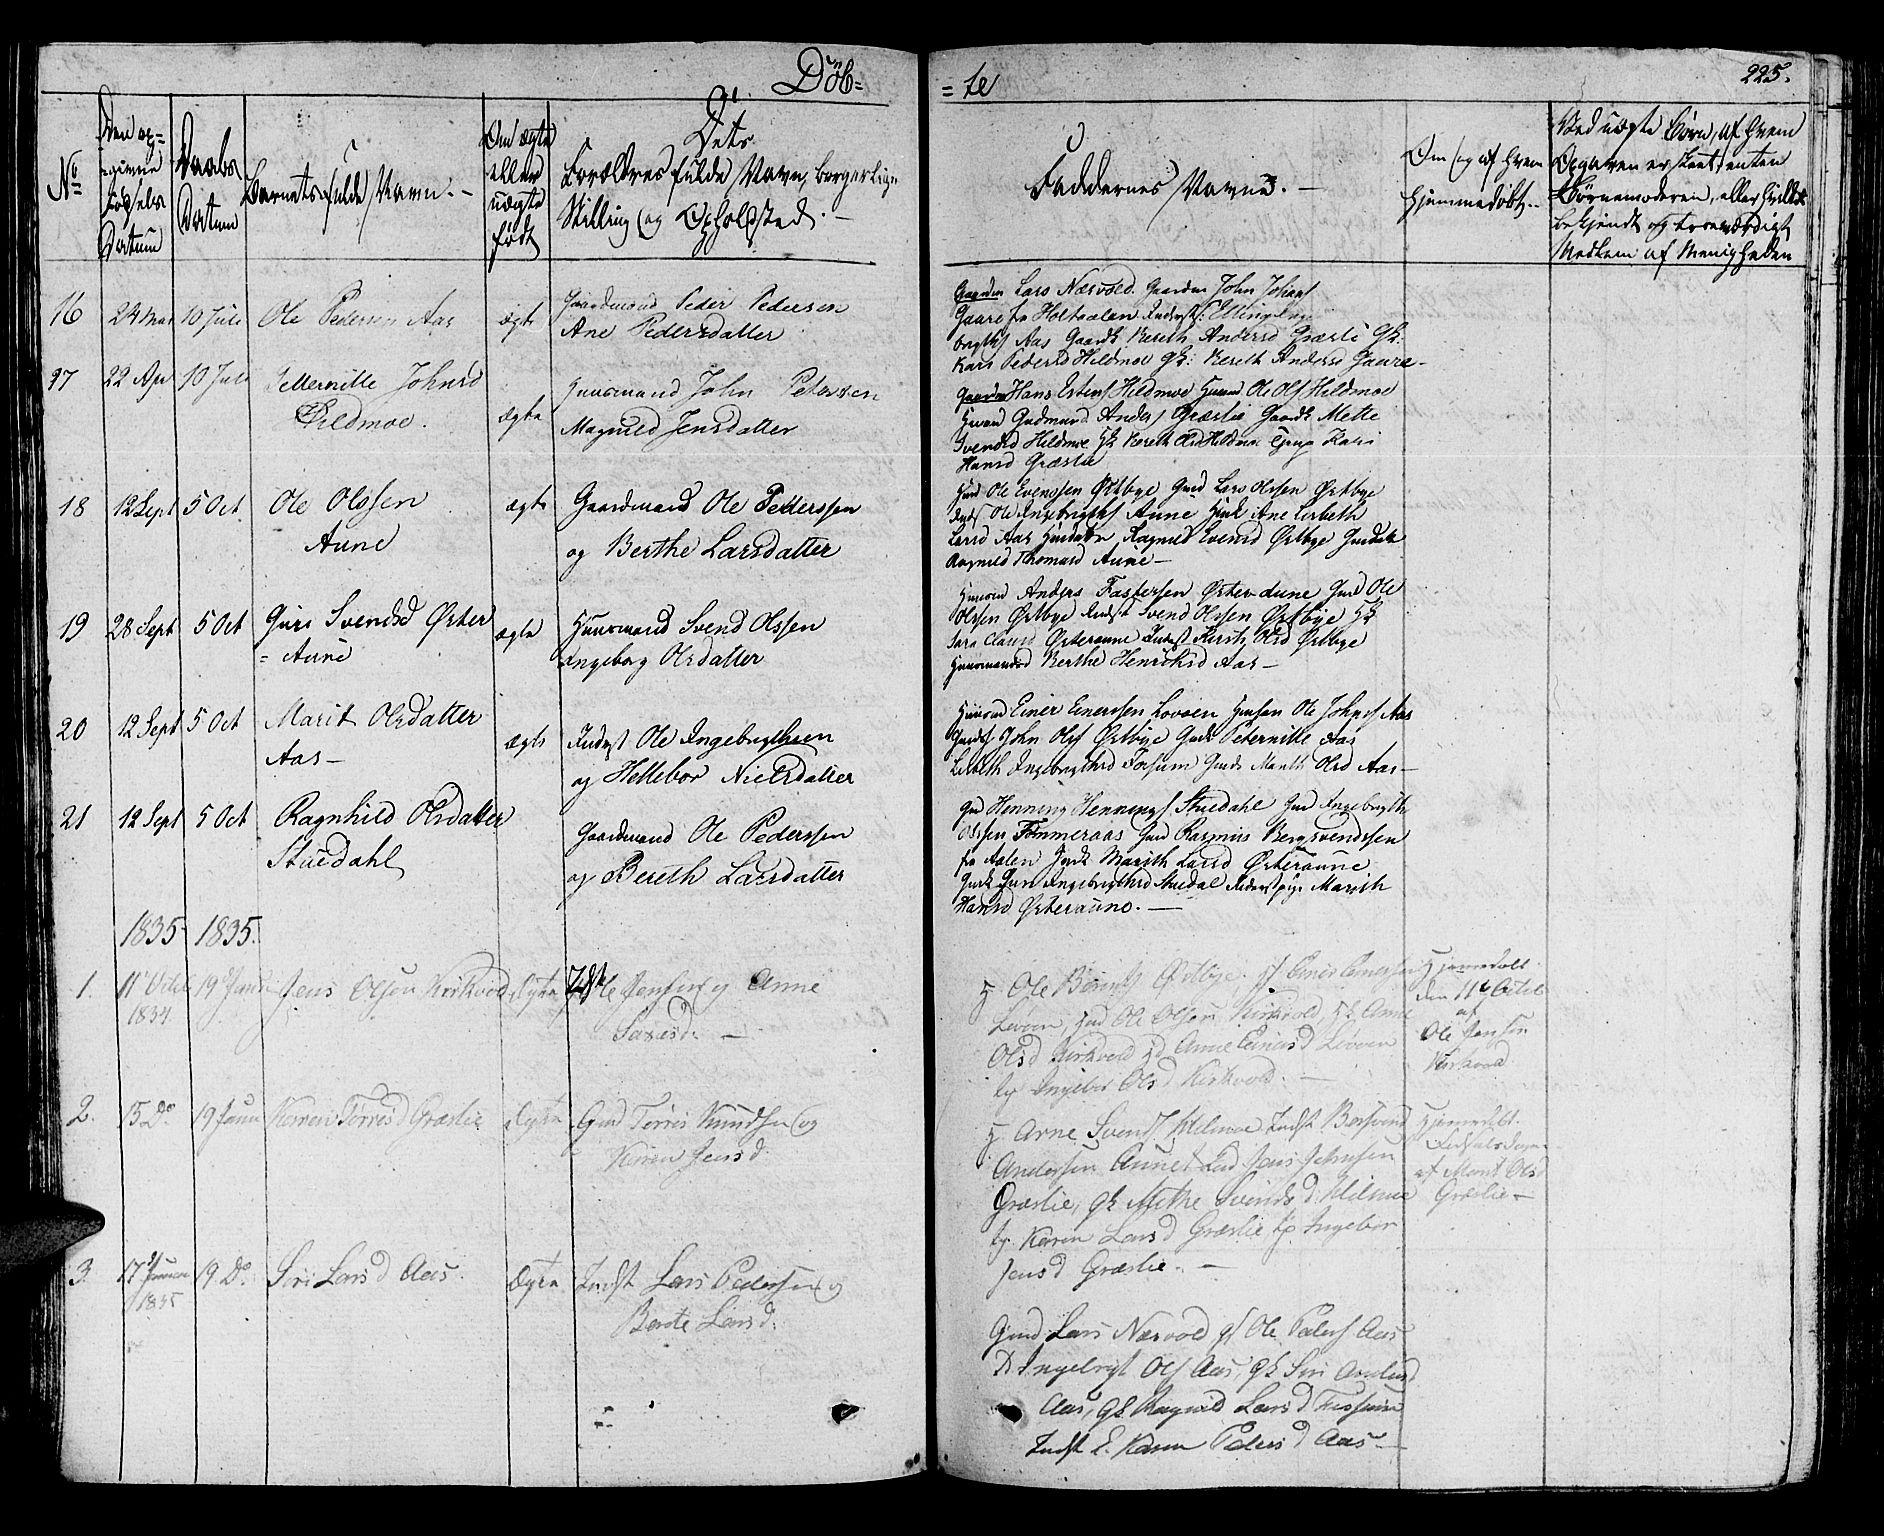 SAT, Ministerialprotokoller, klokkerbøker og fødselsregistre - Sør-Trøndelag, 695/L1144: Ministerialbok nr. 695A05 /2, 1824-1842, s. 225